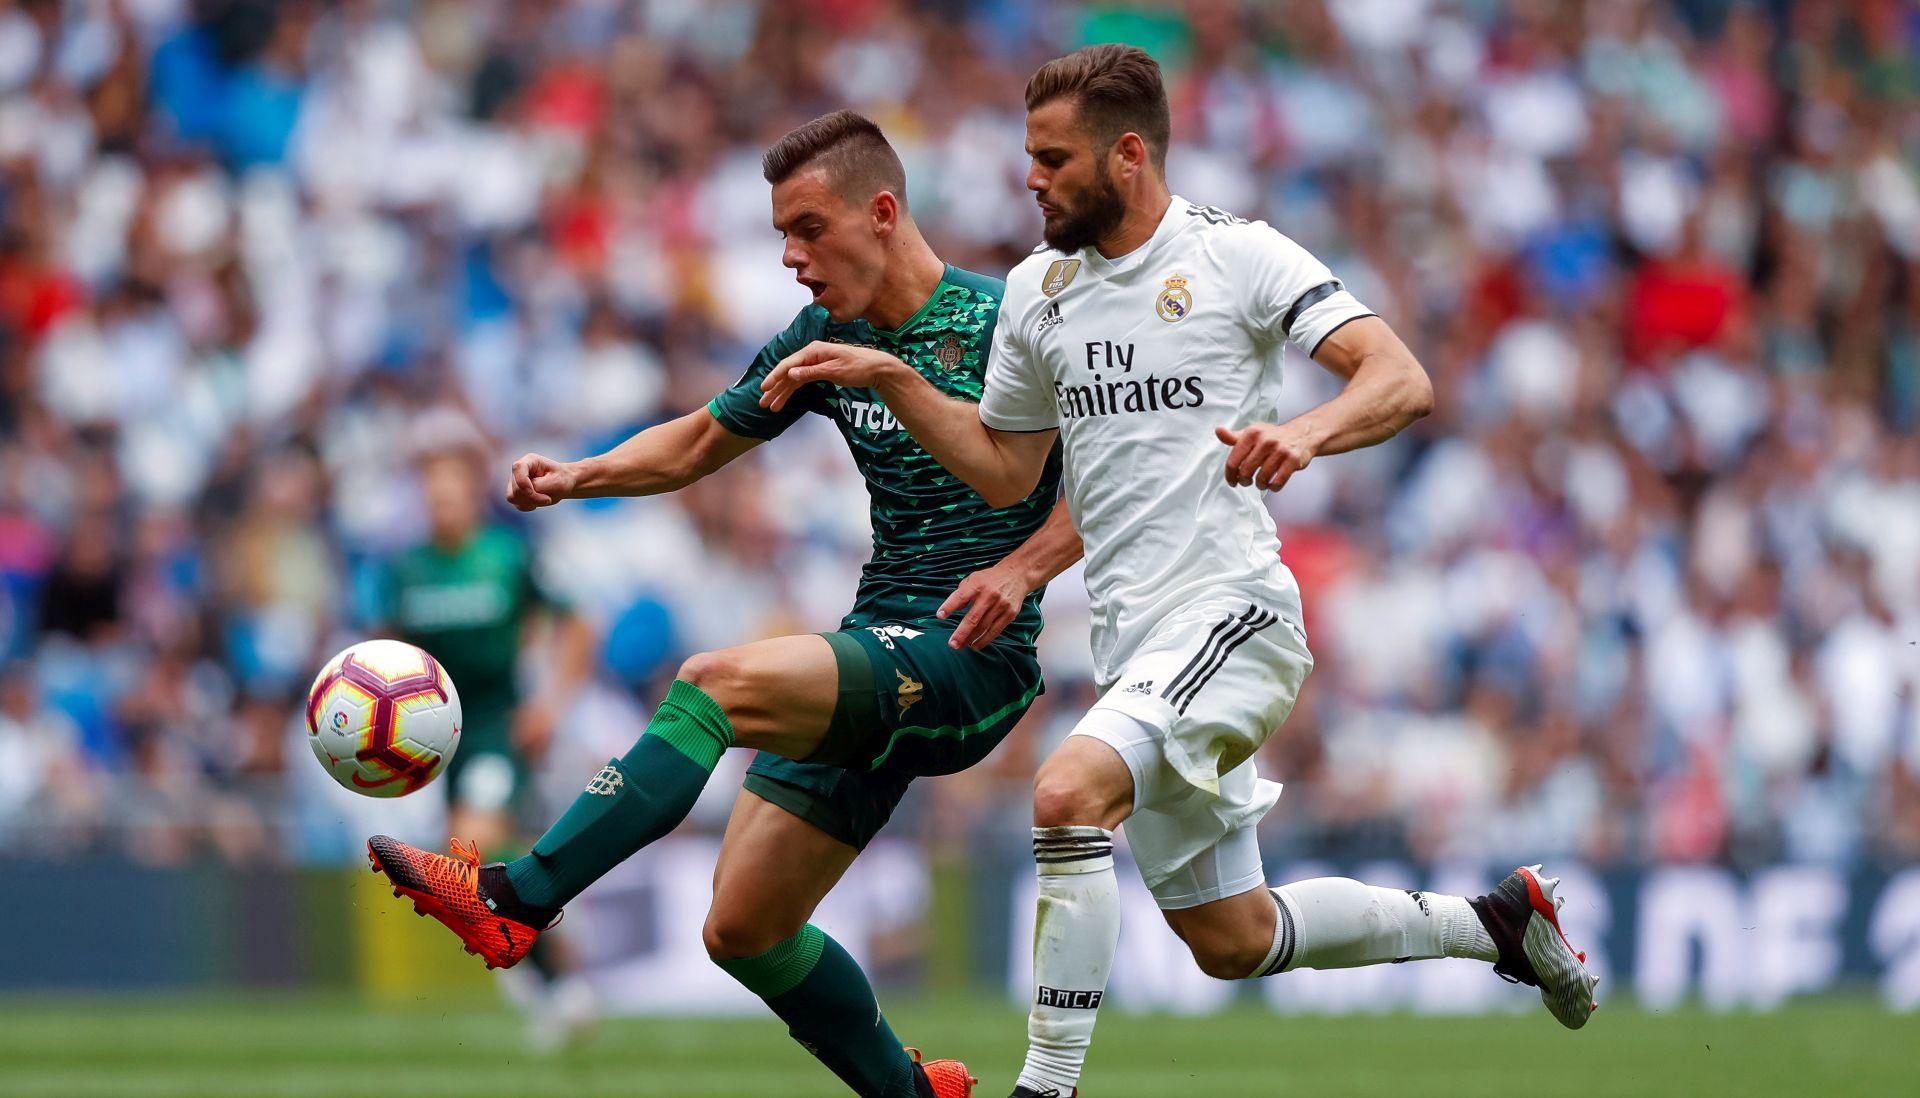 PRIMERA Real sezonu zaključio novim porazom